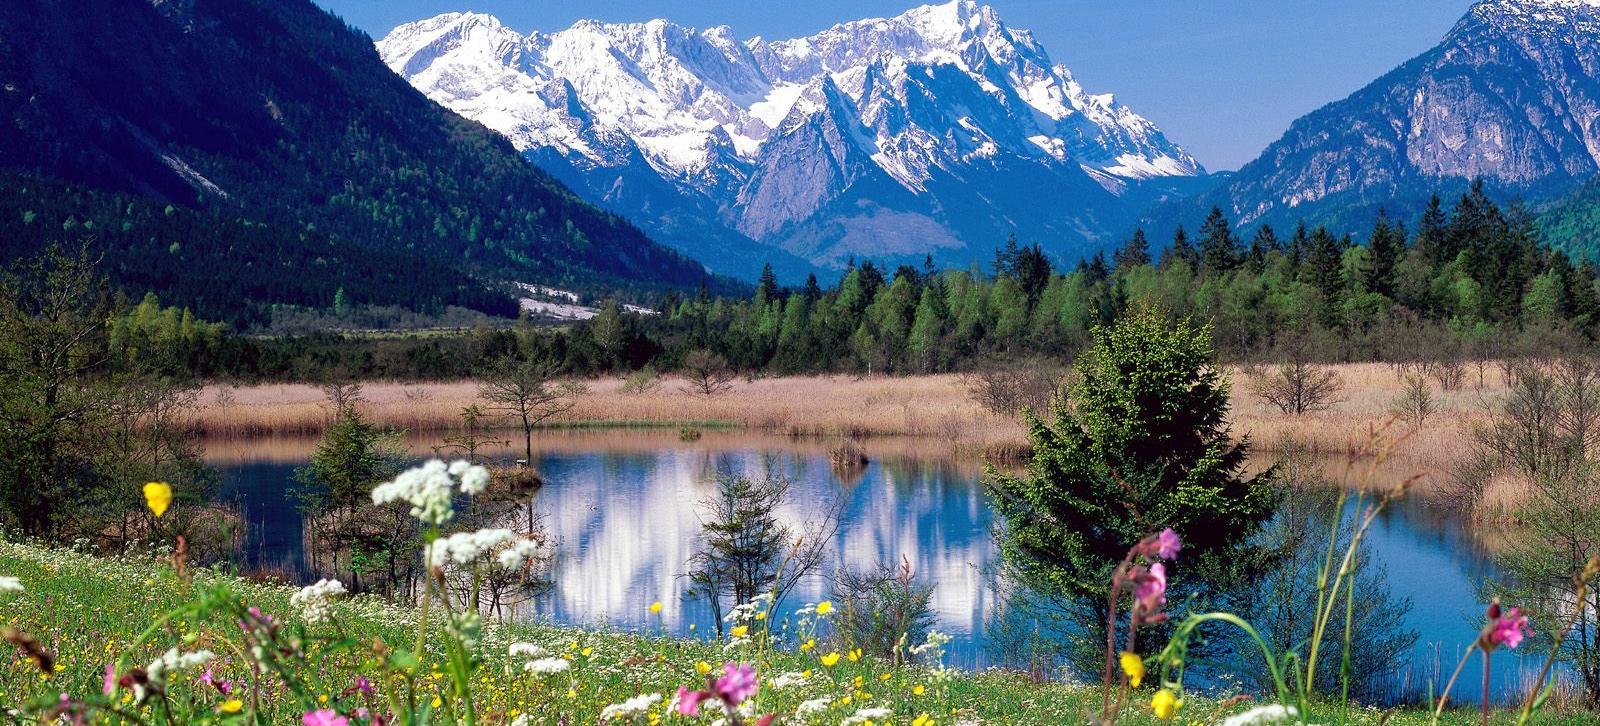 Big 1237043667 loisach river wetterstein mountains eschenlohe